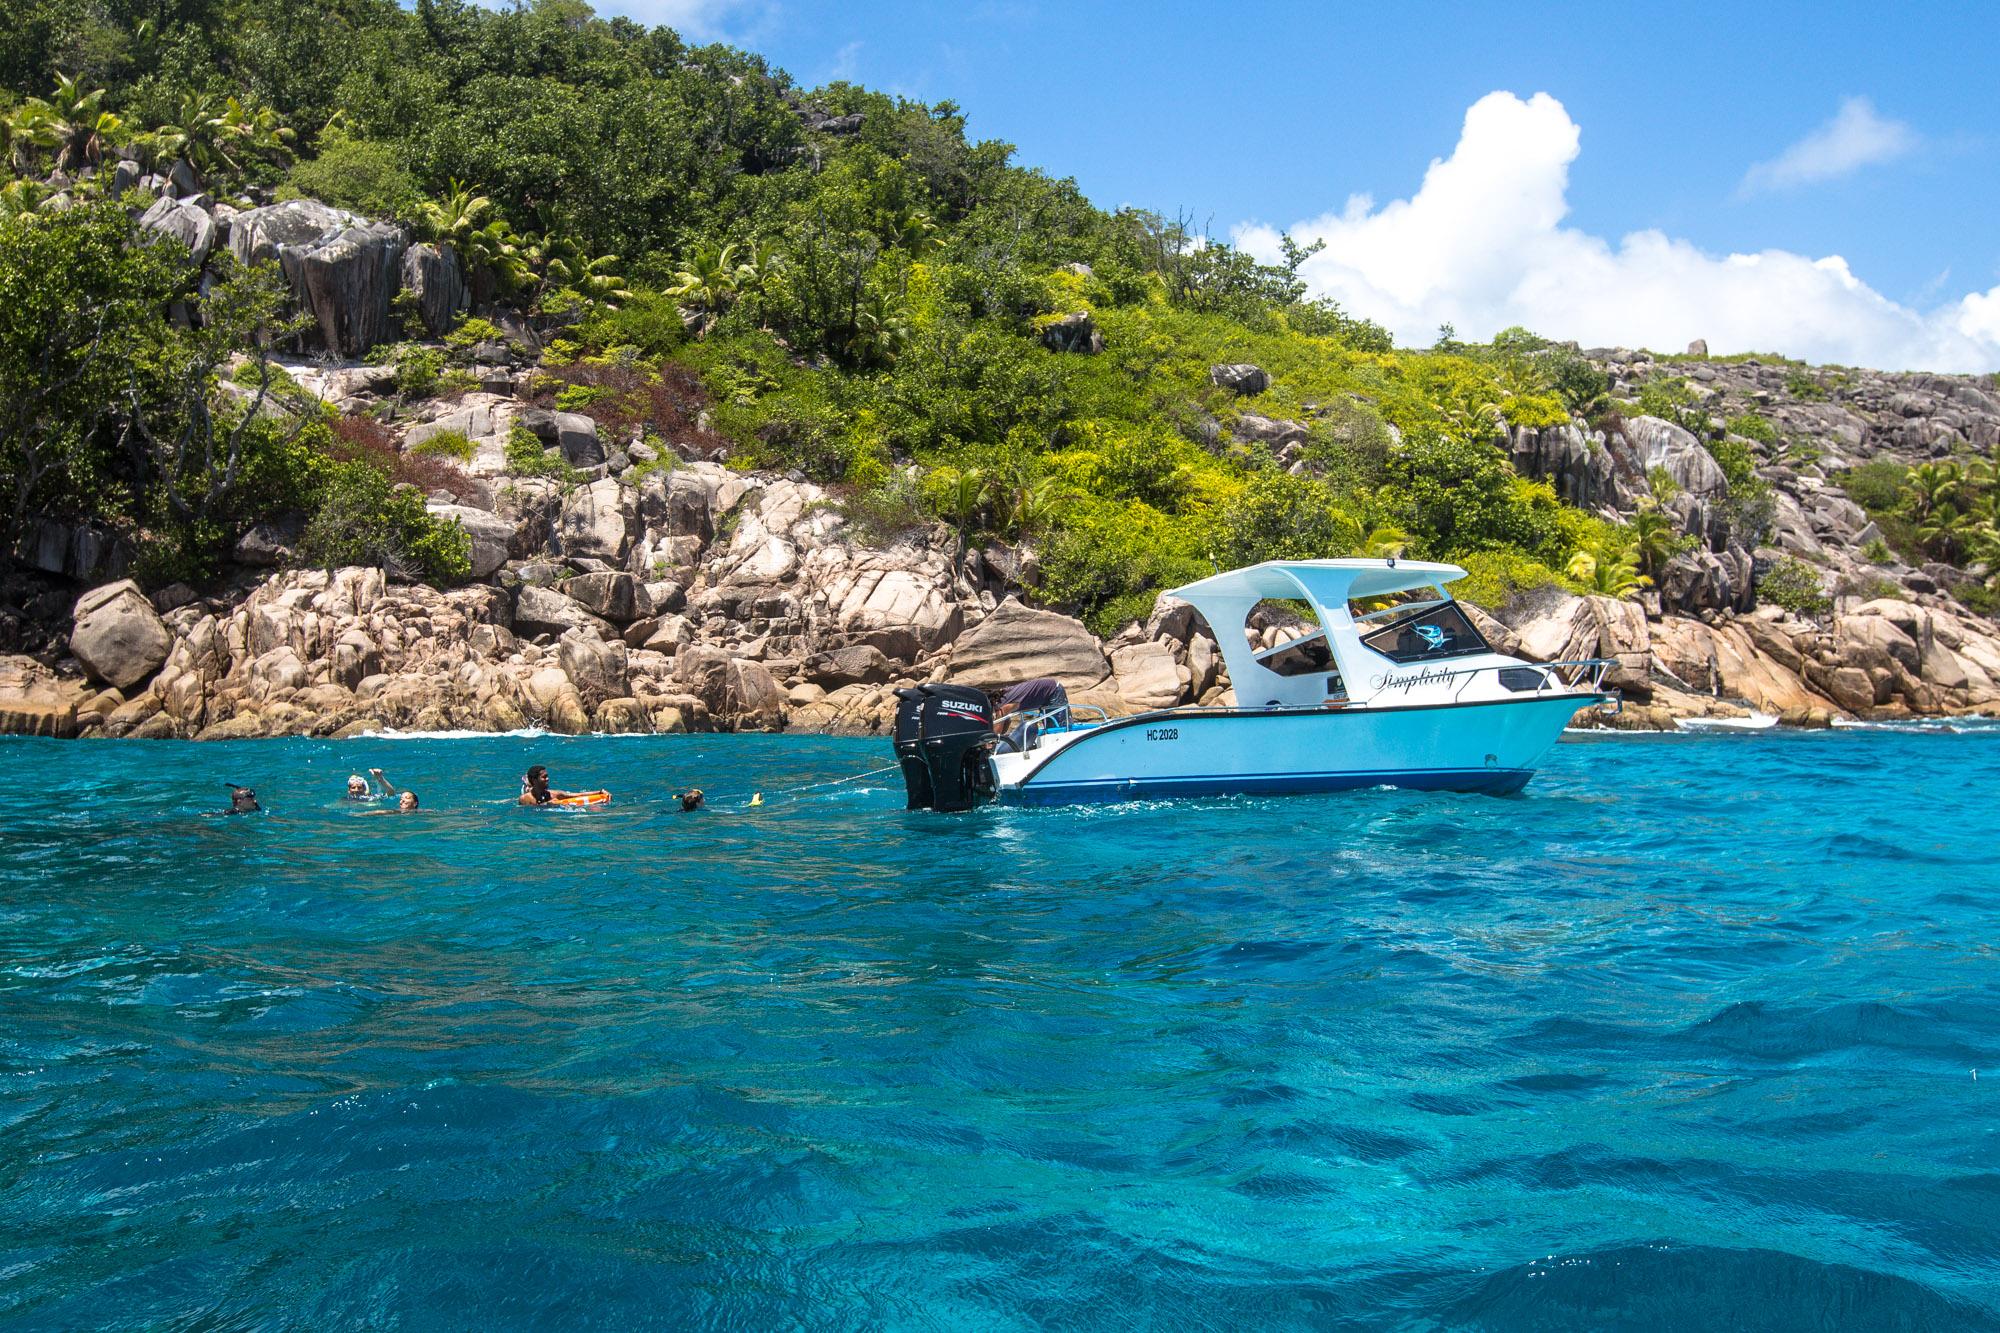 Schnorchelausflug auf La Digue mit Simplicity Charter nach Coco Island, Félicité und Sister.